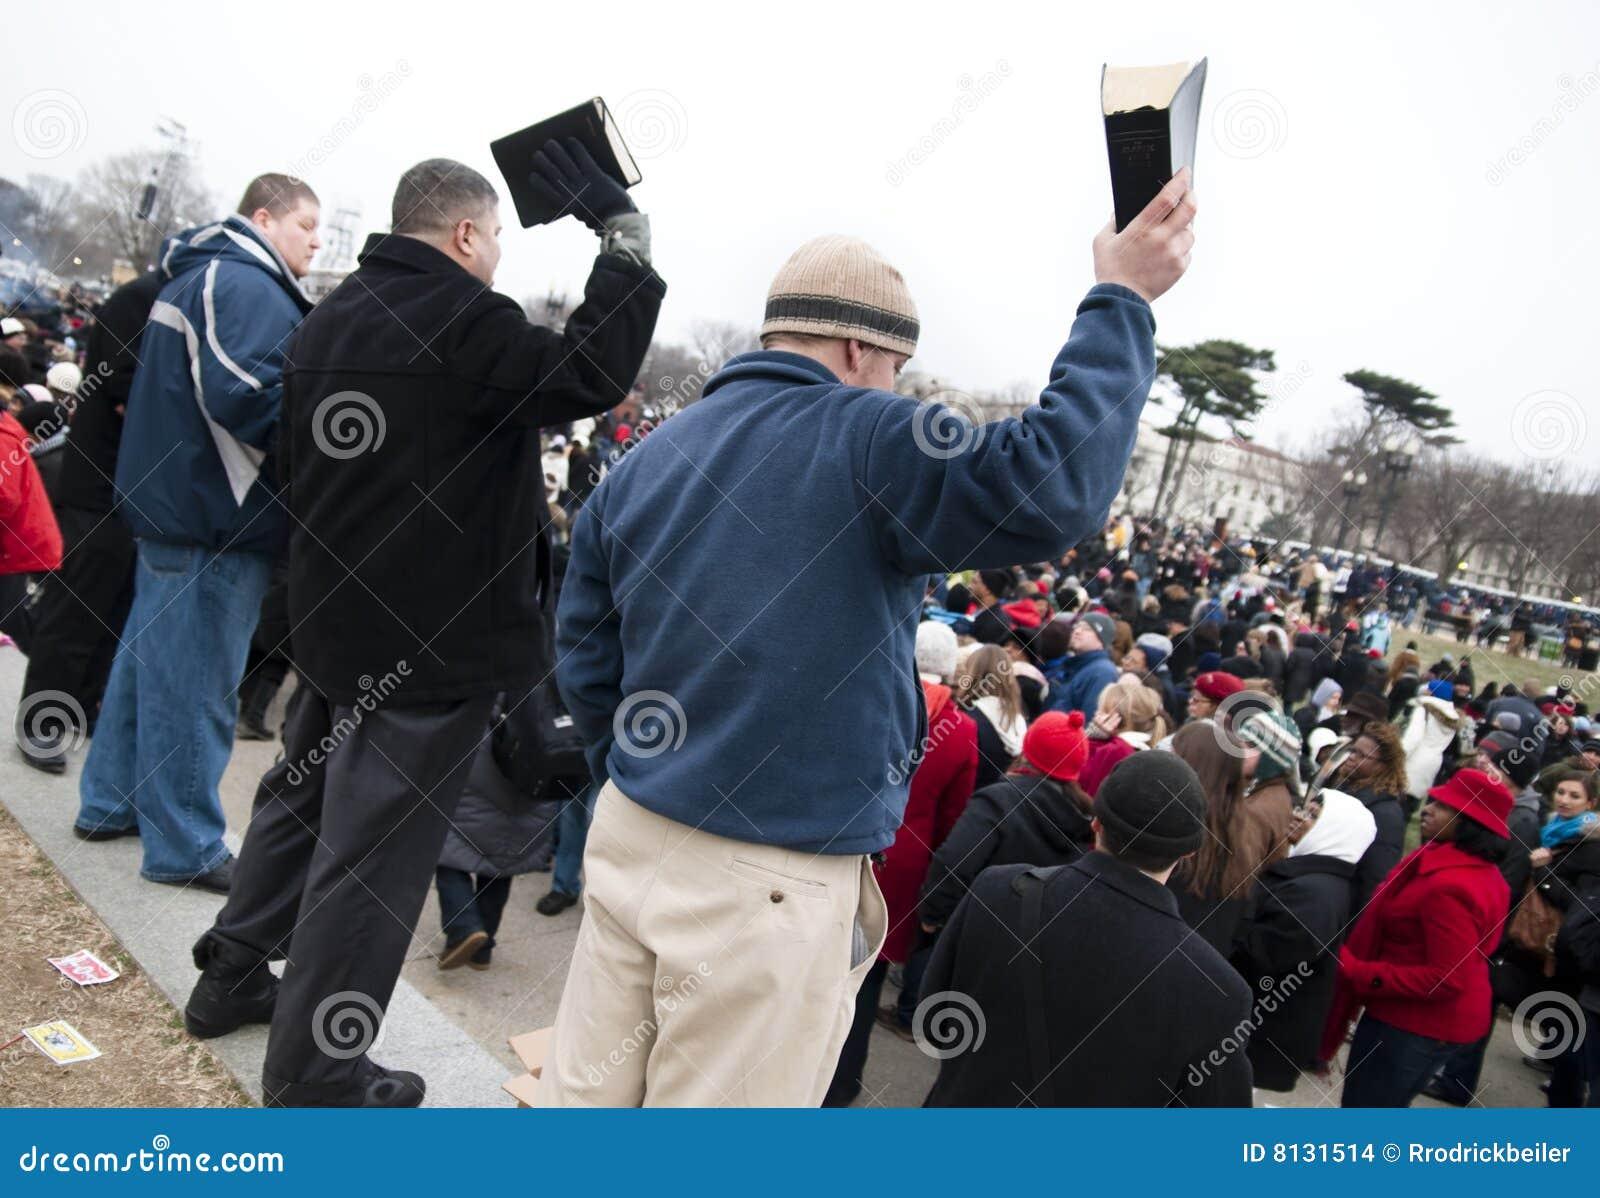 Bible-waving evangelists